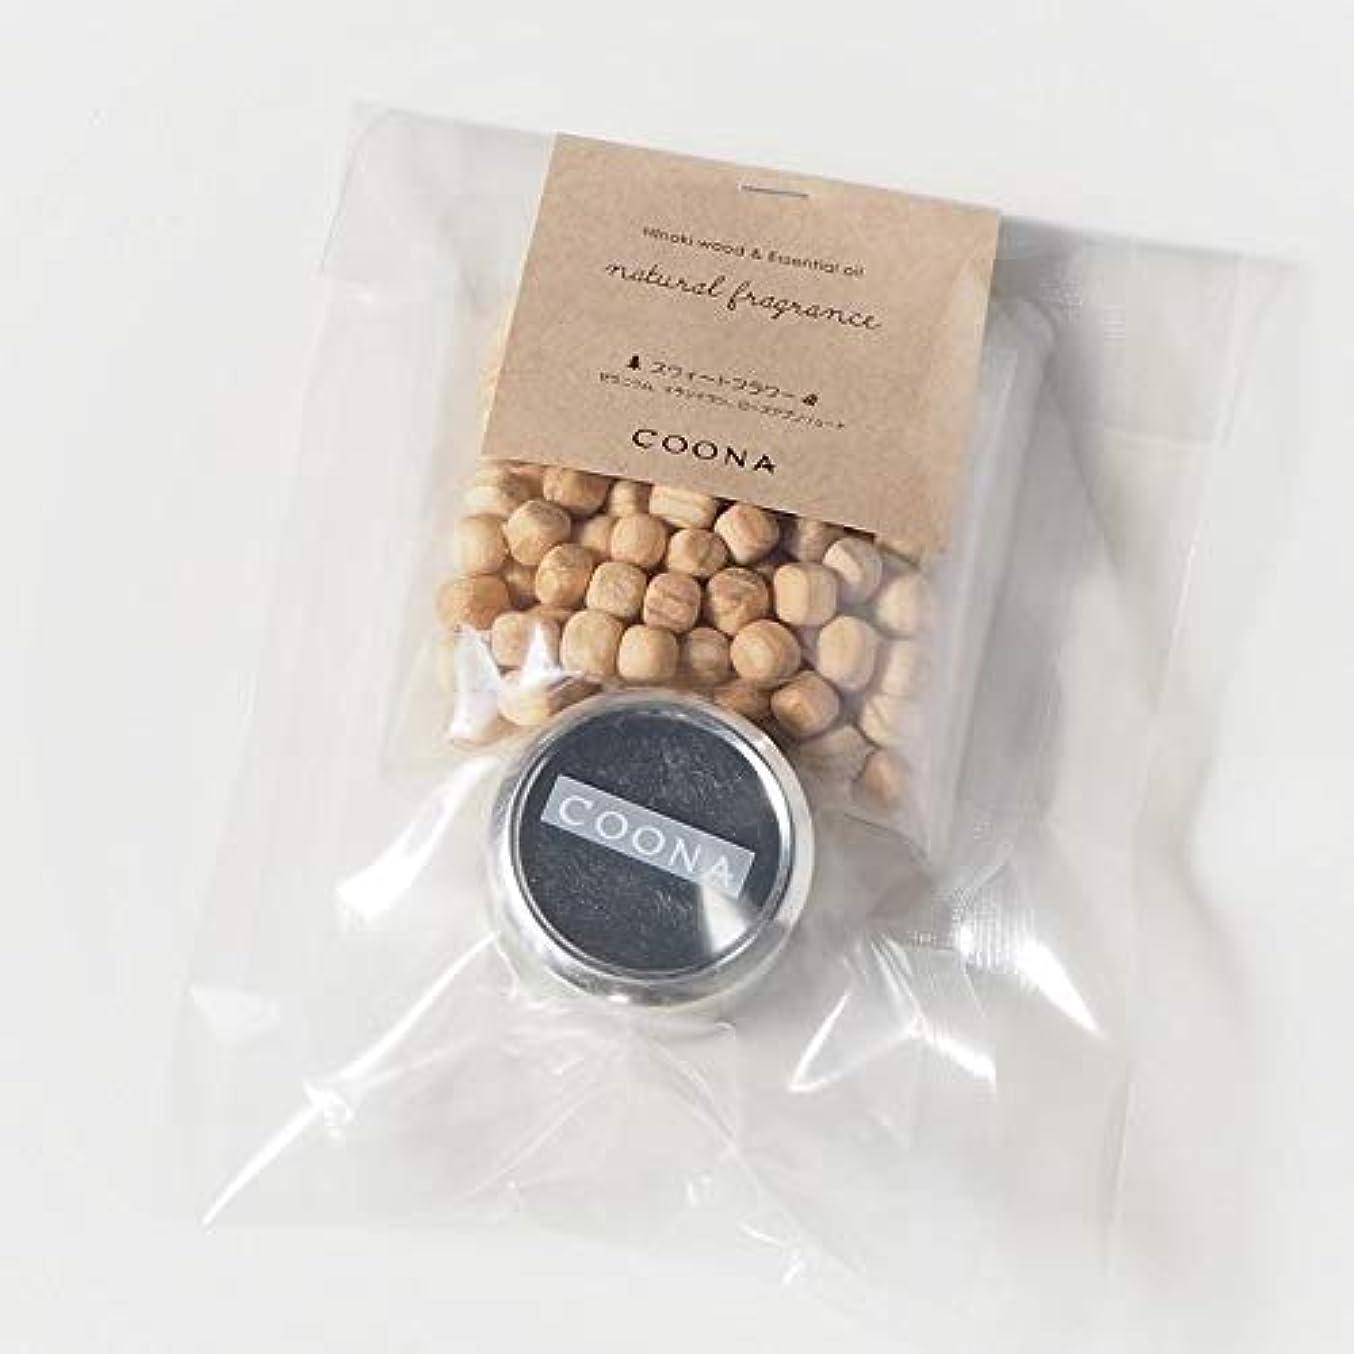 あいにくフィットインゲンヒノキ ウッド& エッセンシャルオイル ナチュラルフレグランス (メタル缶付き, 地の香り)